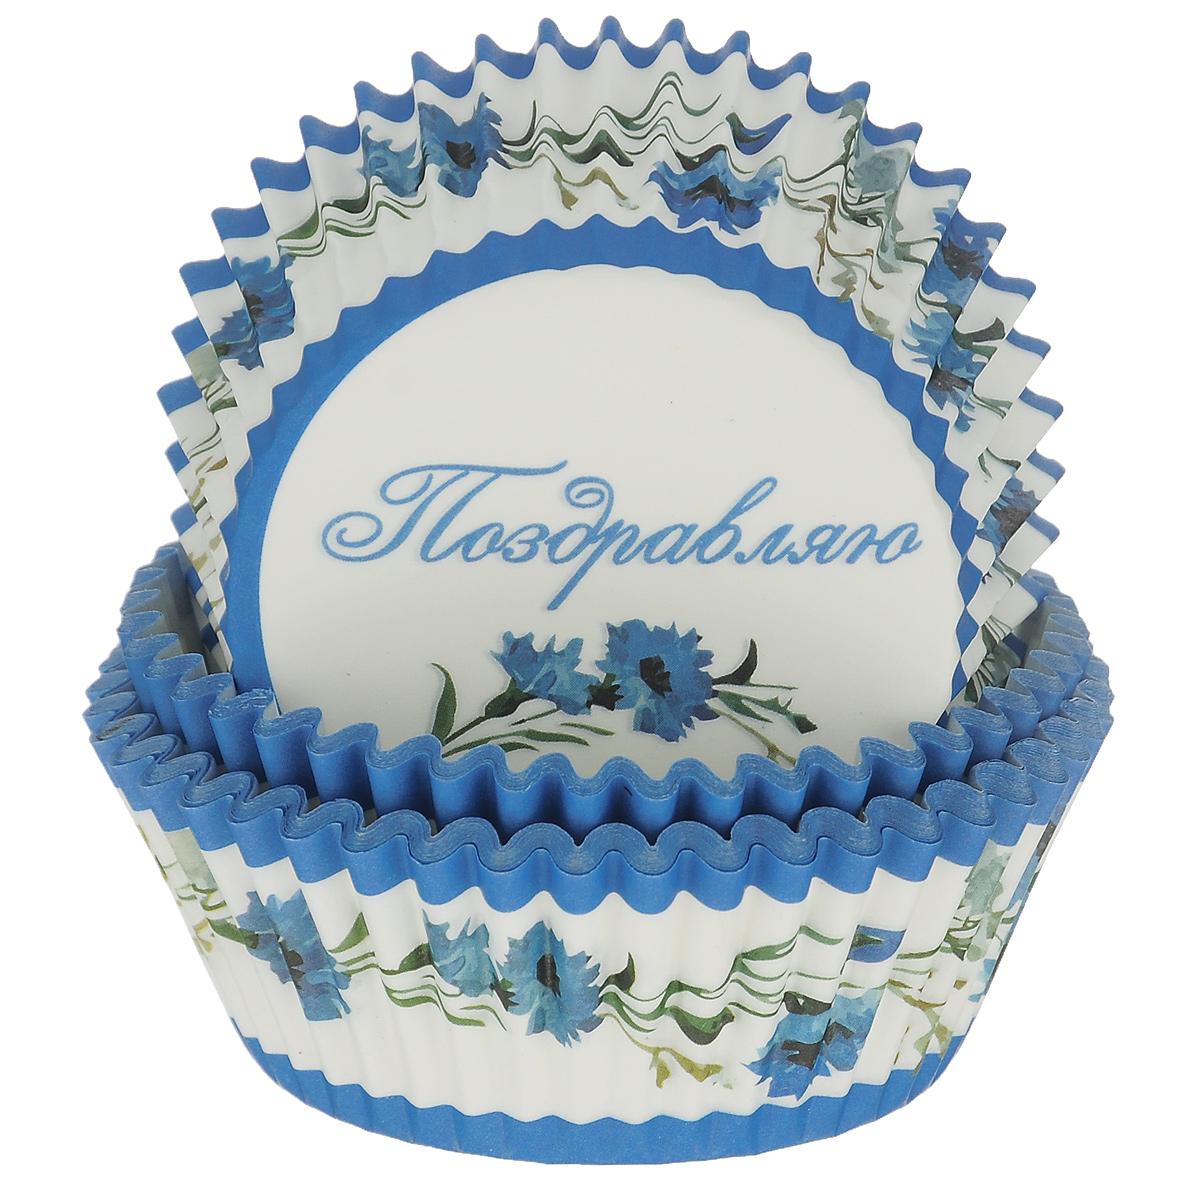 Набор бумажных форм для кексов Dolce Arti Васильки, цвет: синий, белый, диаметр дна 5 см, 50 штDA080215Набор Dolce Arti Васильки состоит из 50 бумажных форм для кексов, оформленных изображением васильков. Дно форм оформлено надписью Поздравляю. Они предназначены для выпечки и упаковки кондитерских изделий, также могут использоваться для сервировки орешков, конфет и много другого. Для одноразового применения. Гофрированные бумажные формы идеальны для выпечки кексов, булочек и пирожных. Высота стенки: 3 см. Диаметр по верхнему краю: 7 см. Диаметре дна: 5 см.